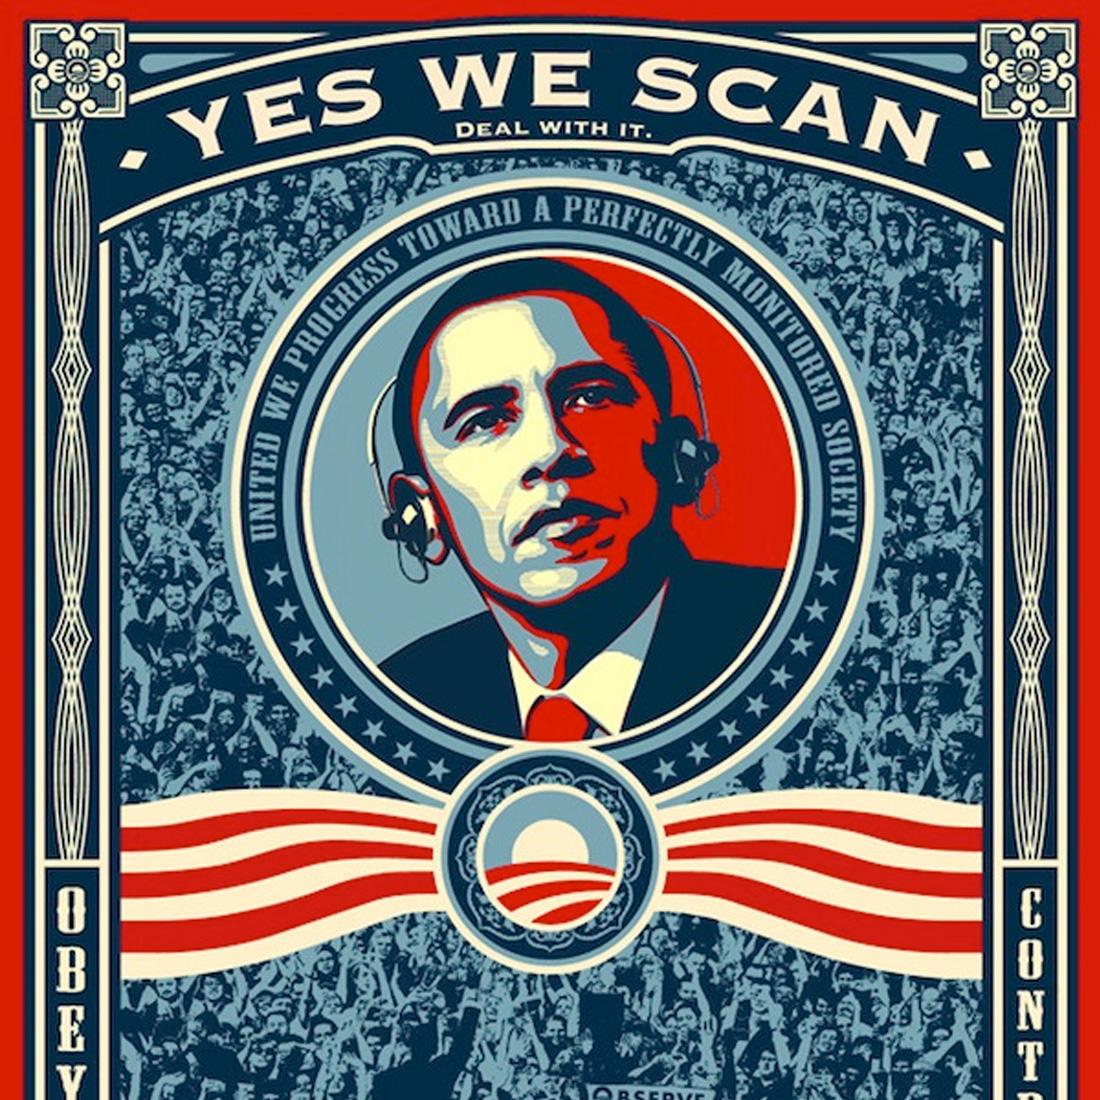 АНБ, NSA, США, слежка, шпионаж, интернет, Сноуден, Стали известны новые подробности работы АНБ в интернете